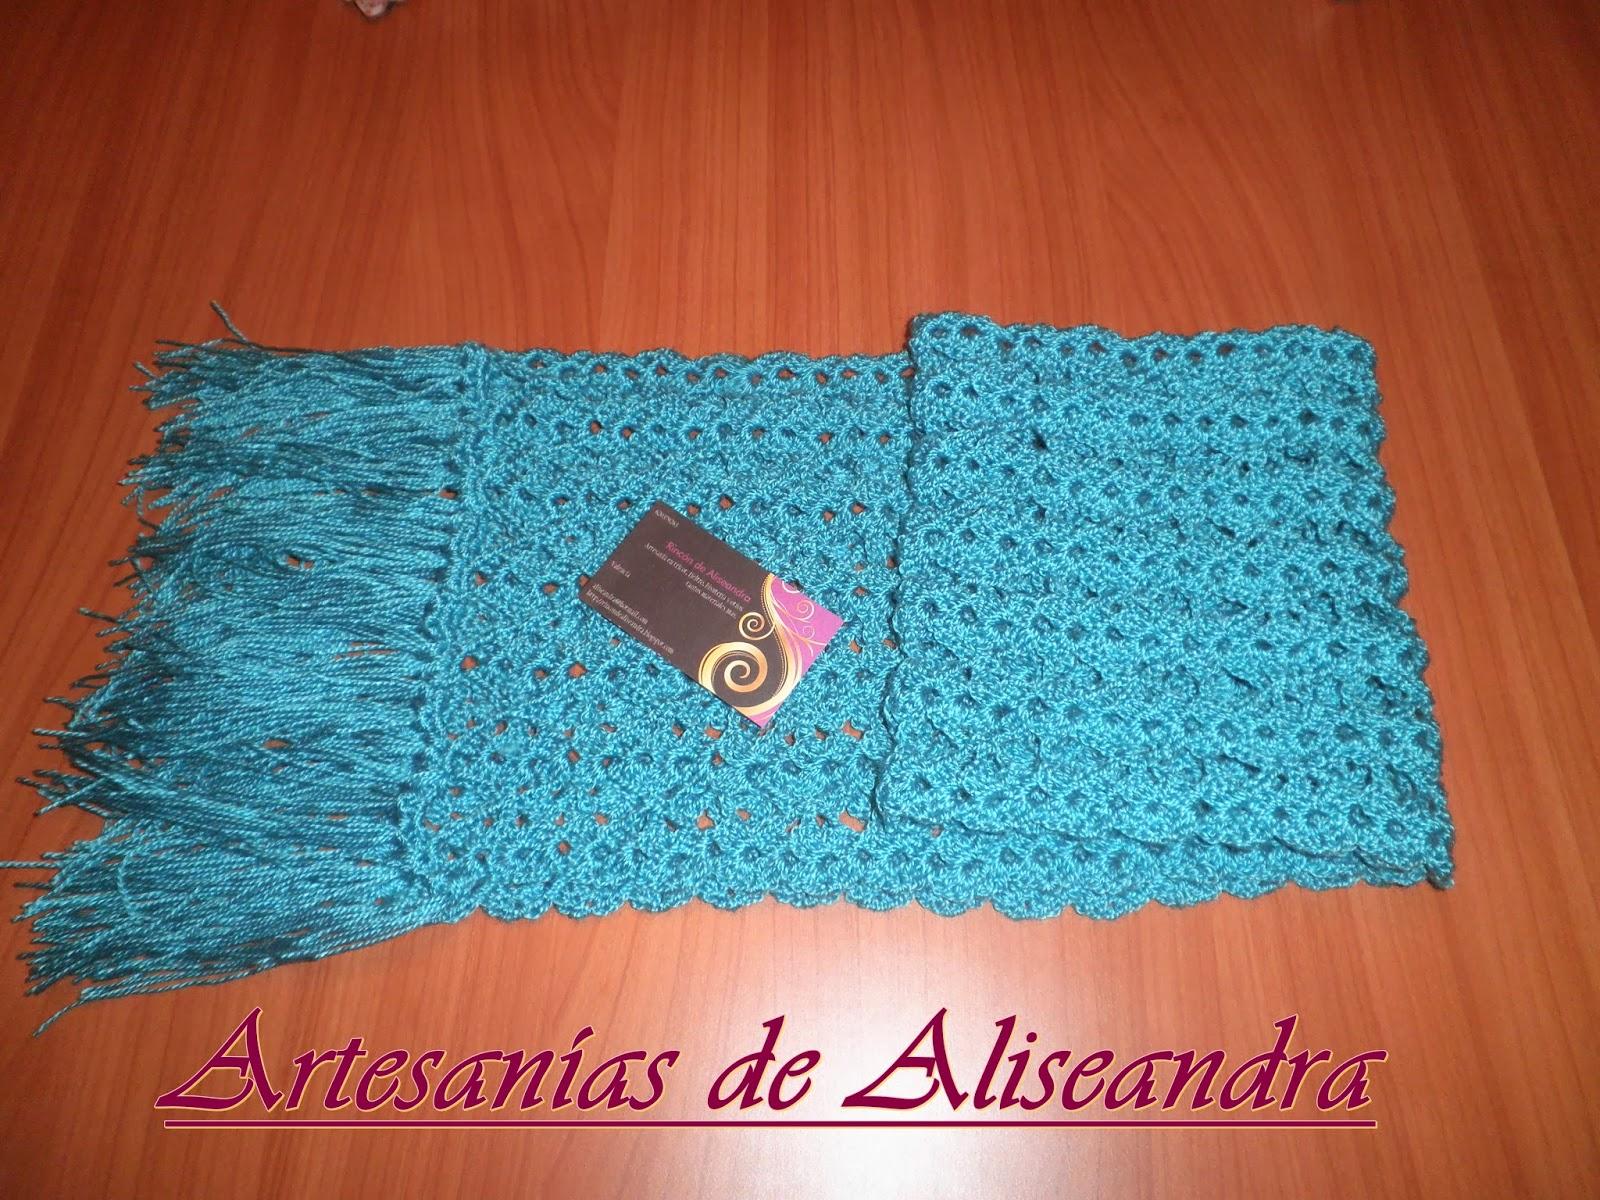 Aquí tenéis la bufanda para mujer, está tejida a crochet, en un color verde aguamarina precioso y es bien abrigadita¡¡